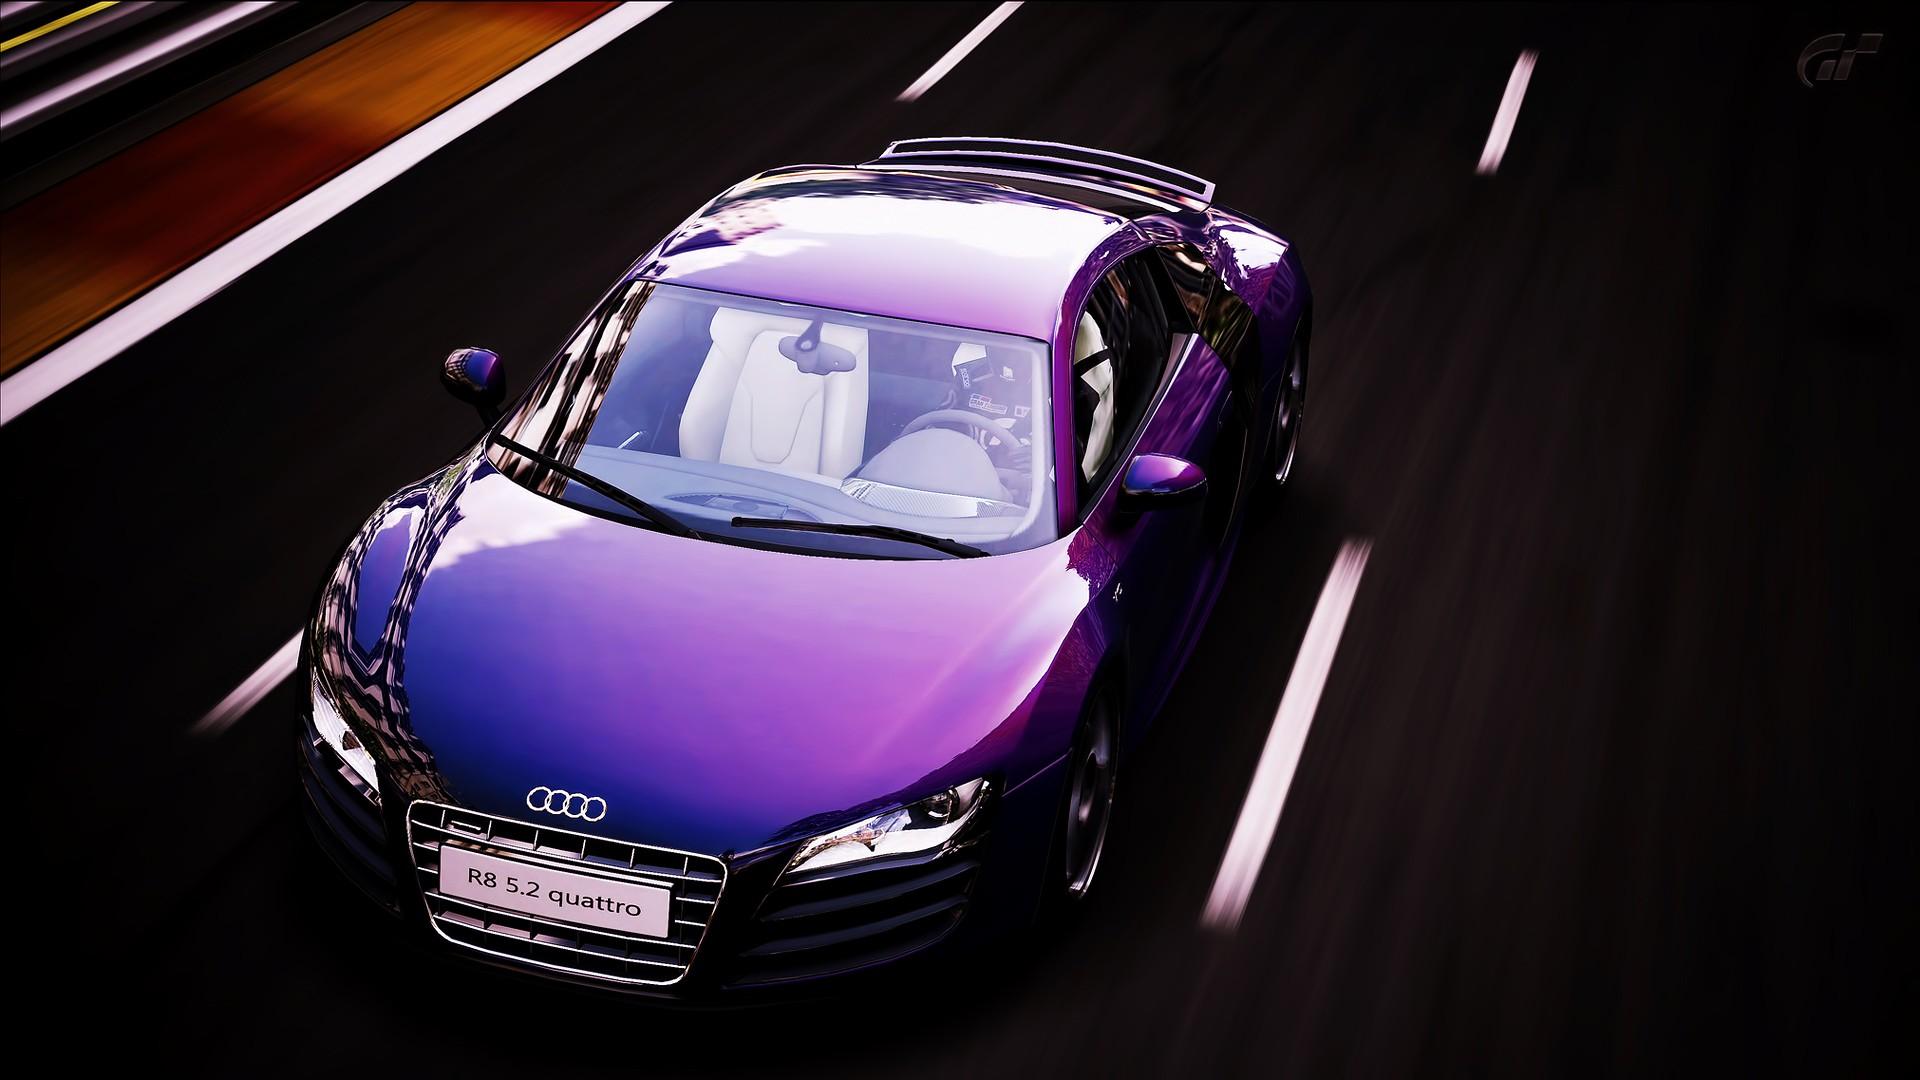 Video Games Cars Audi Audi R Gran Turismo Races Wallpaper - Audi car video download